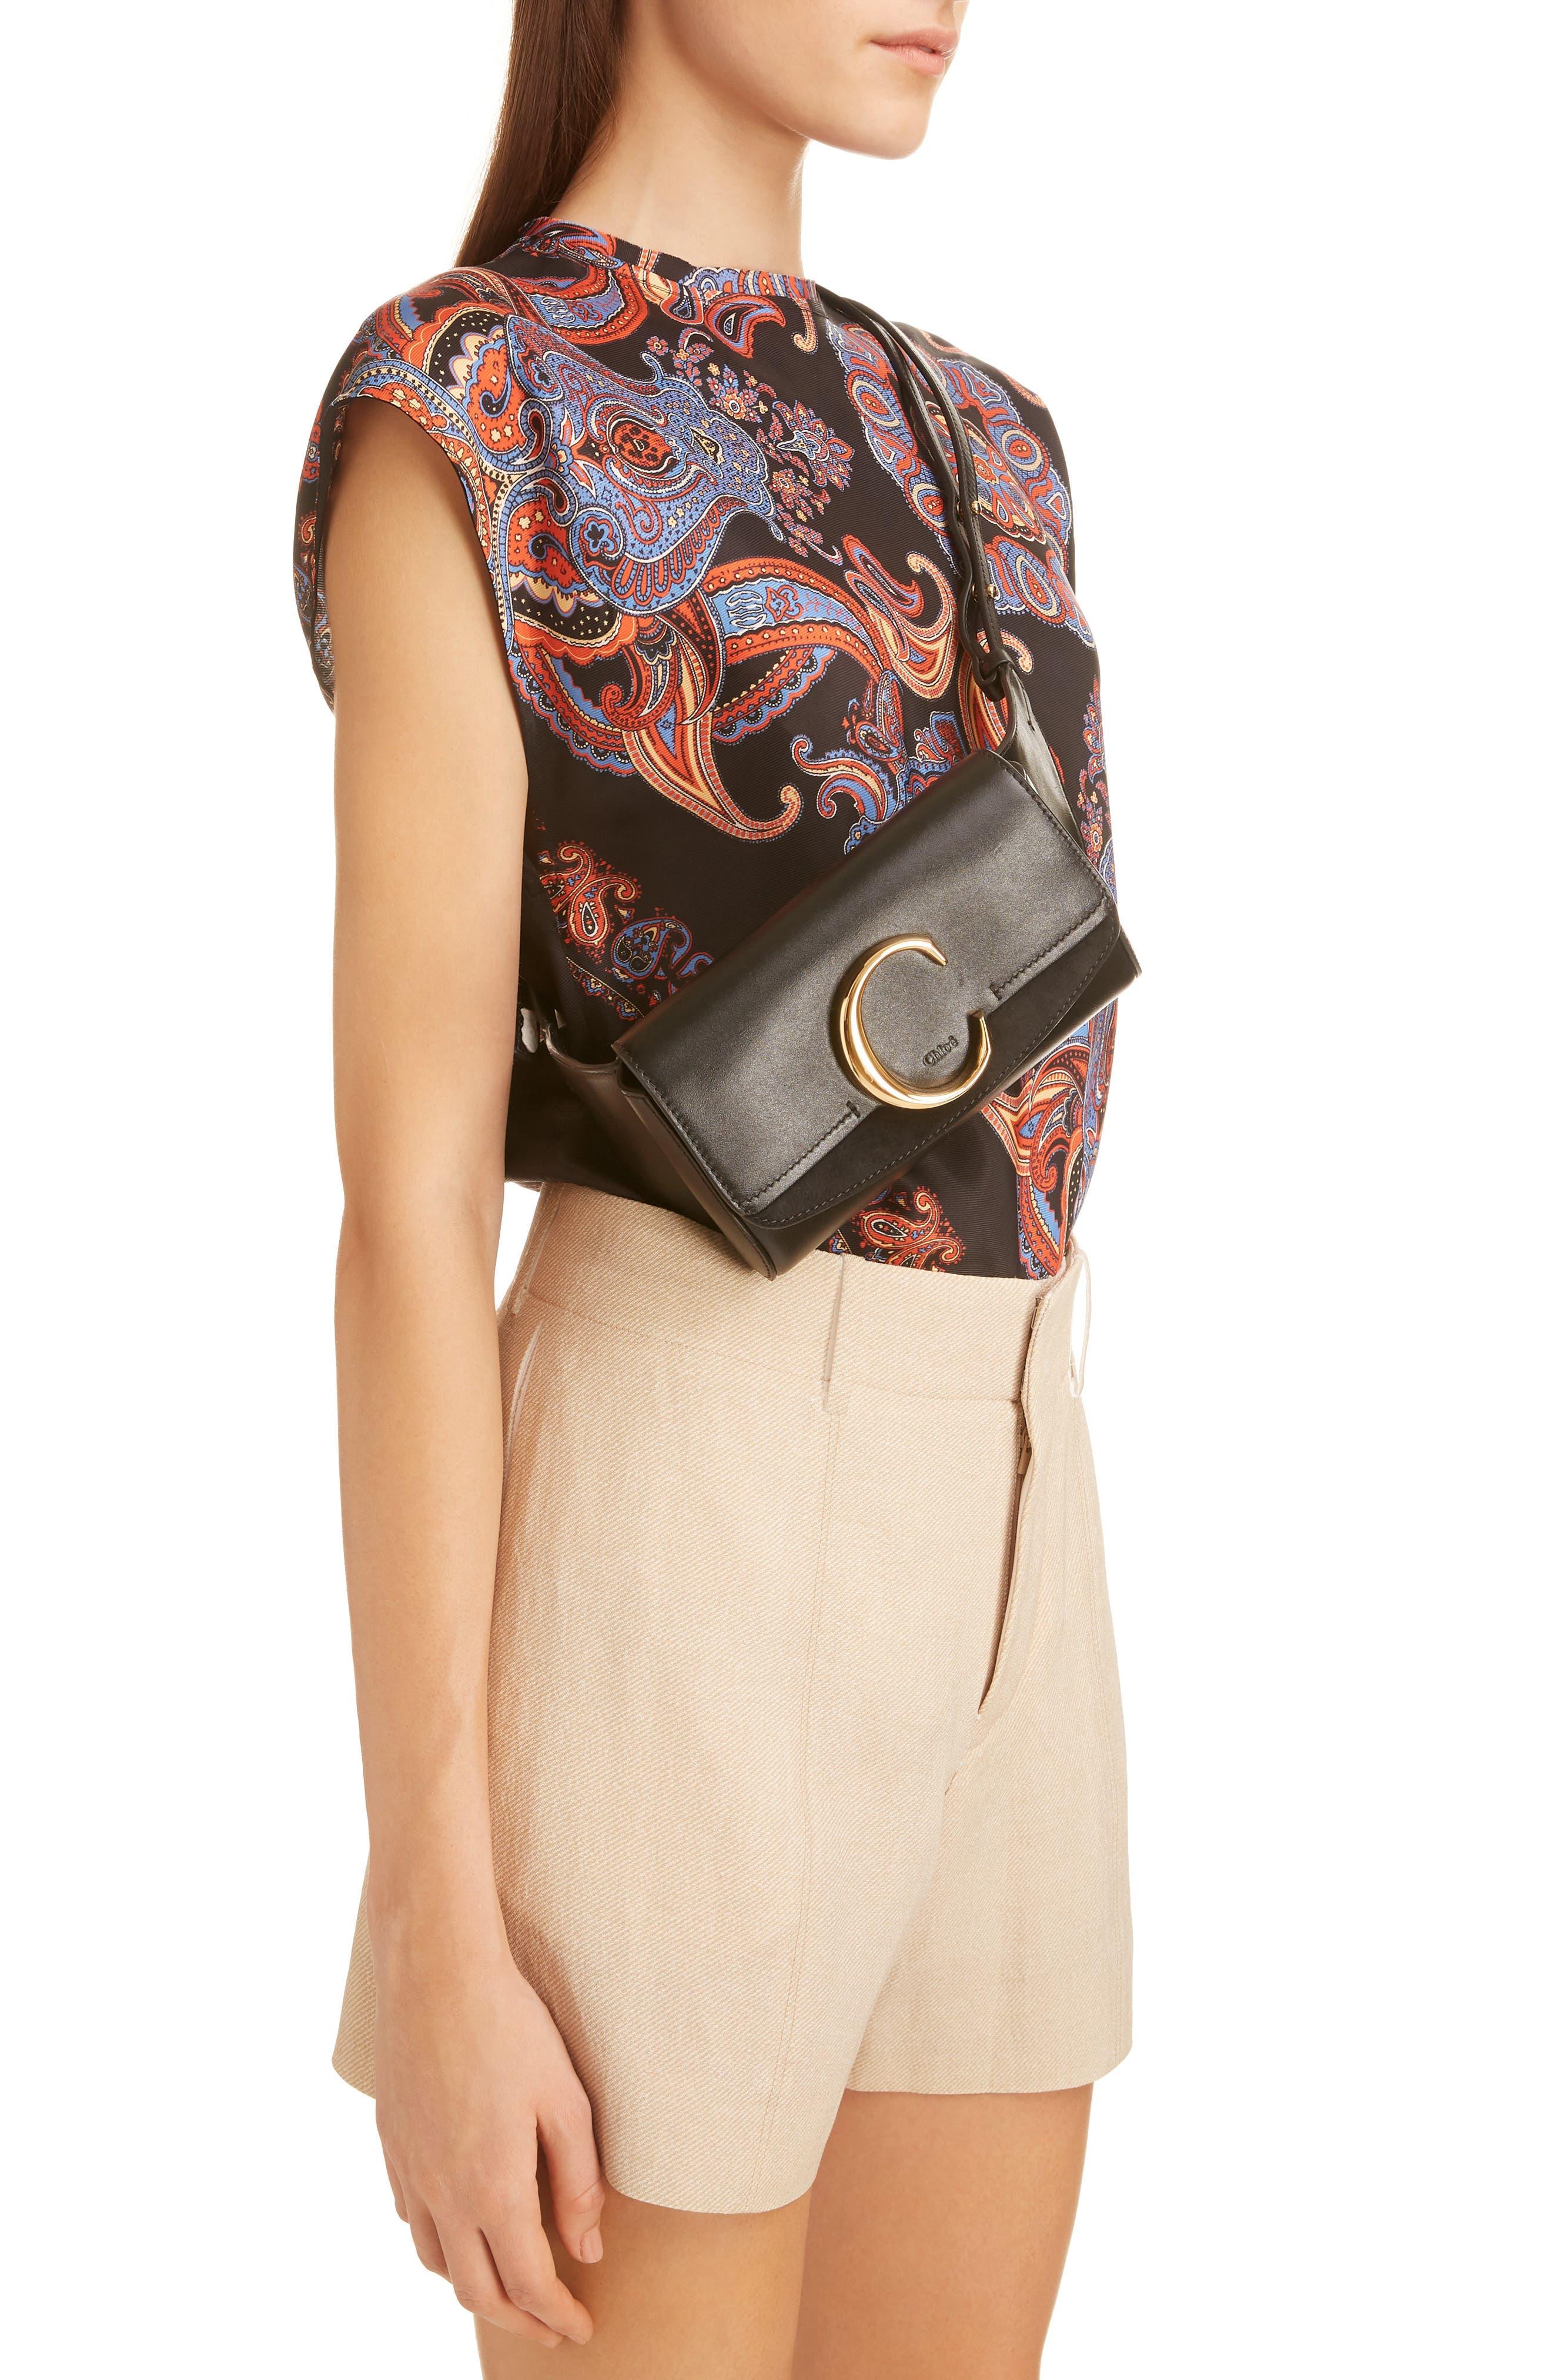 CHLOÉ,                             C Leather Convertible Belt Bag,                             Alternate thumbnail 2, color,                             BLACK